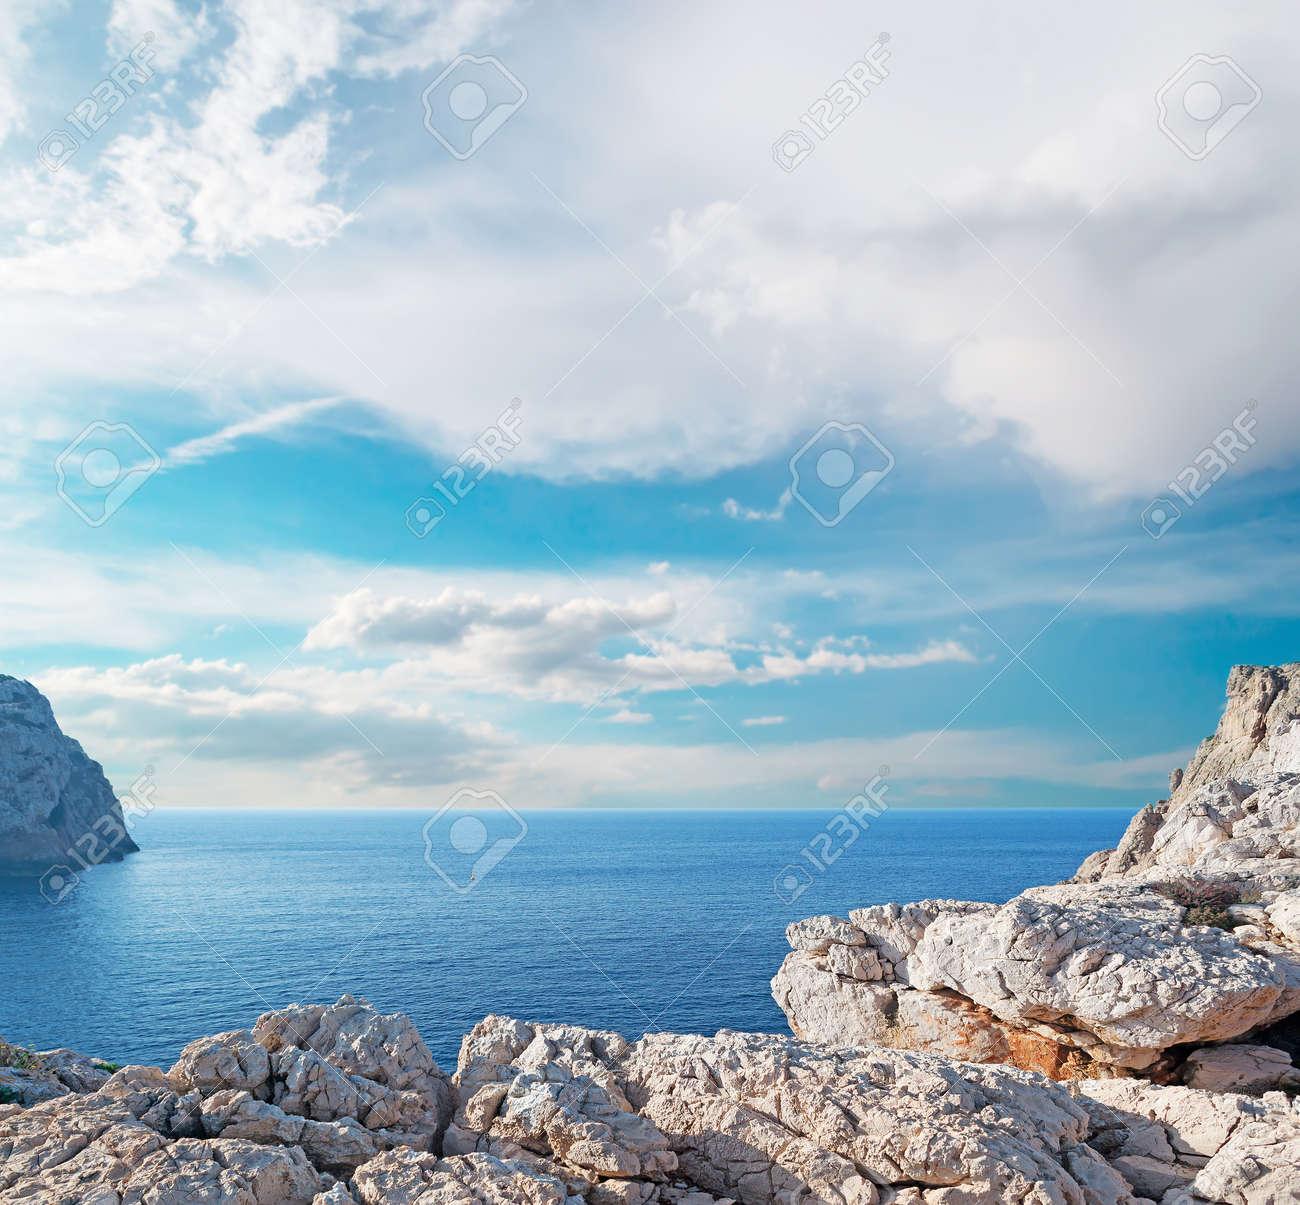 Capo Caccia coastline on a cloudy day - 24419783